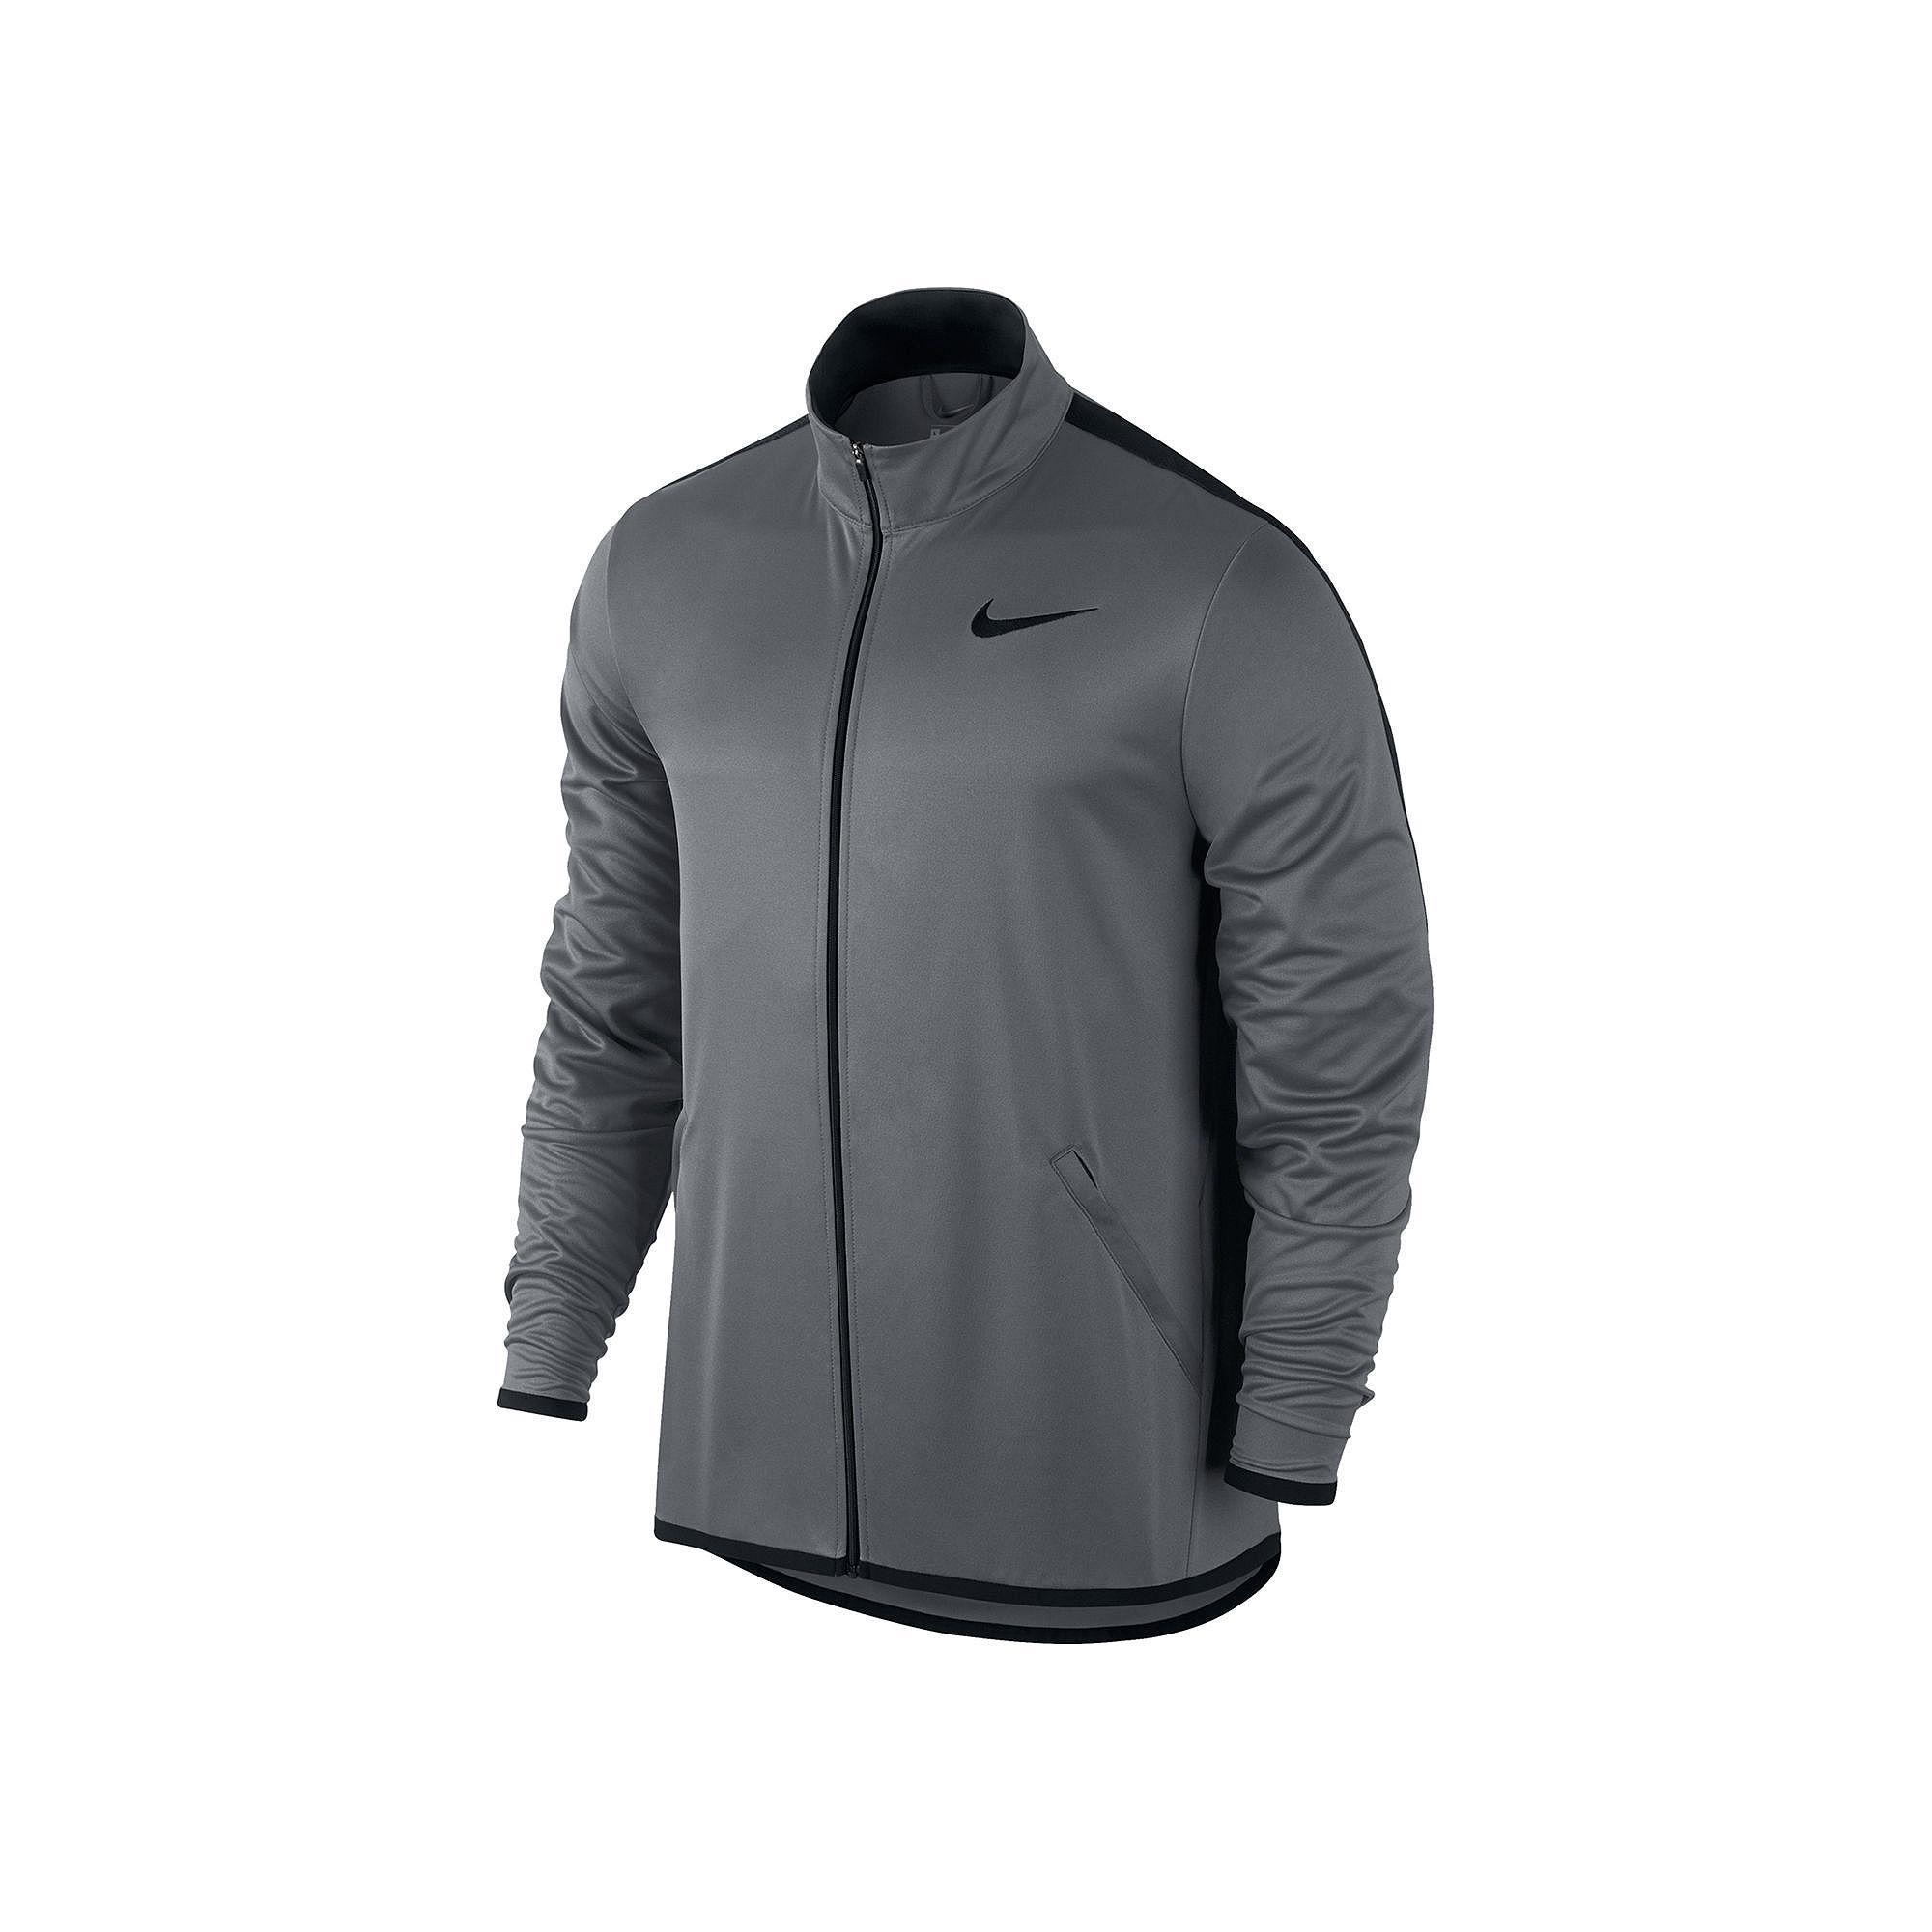 Nike epic jacket - Upc 886551777789 Product Image For Men S Nike Epic Jacket Size Xxl Grey Other